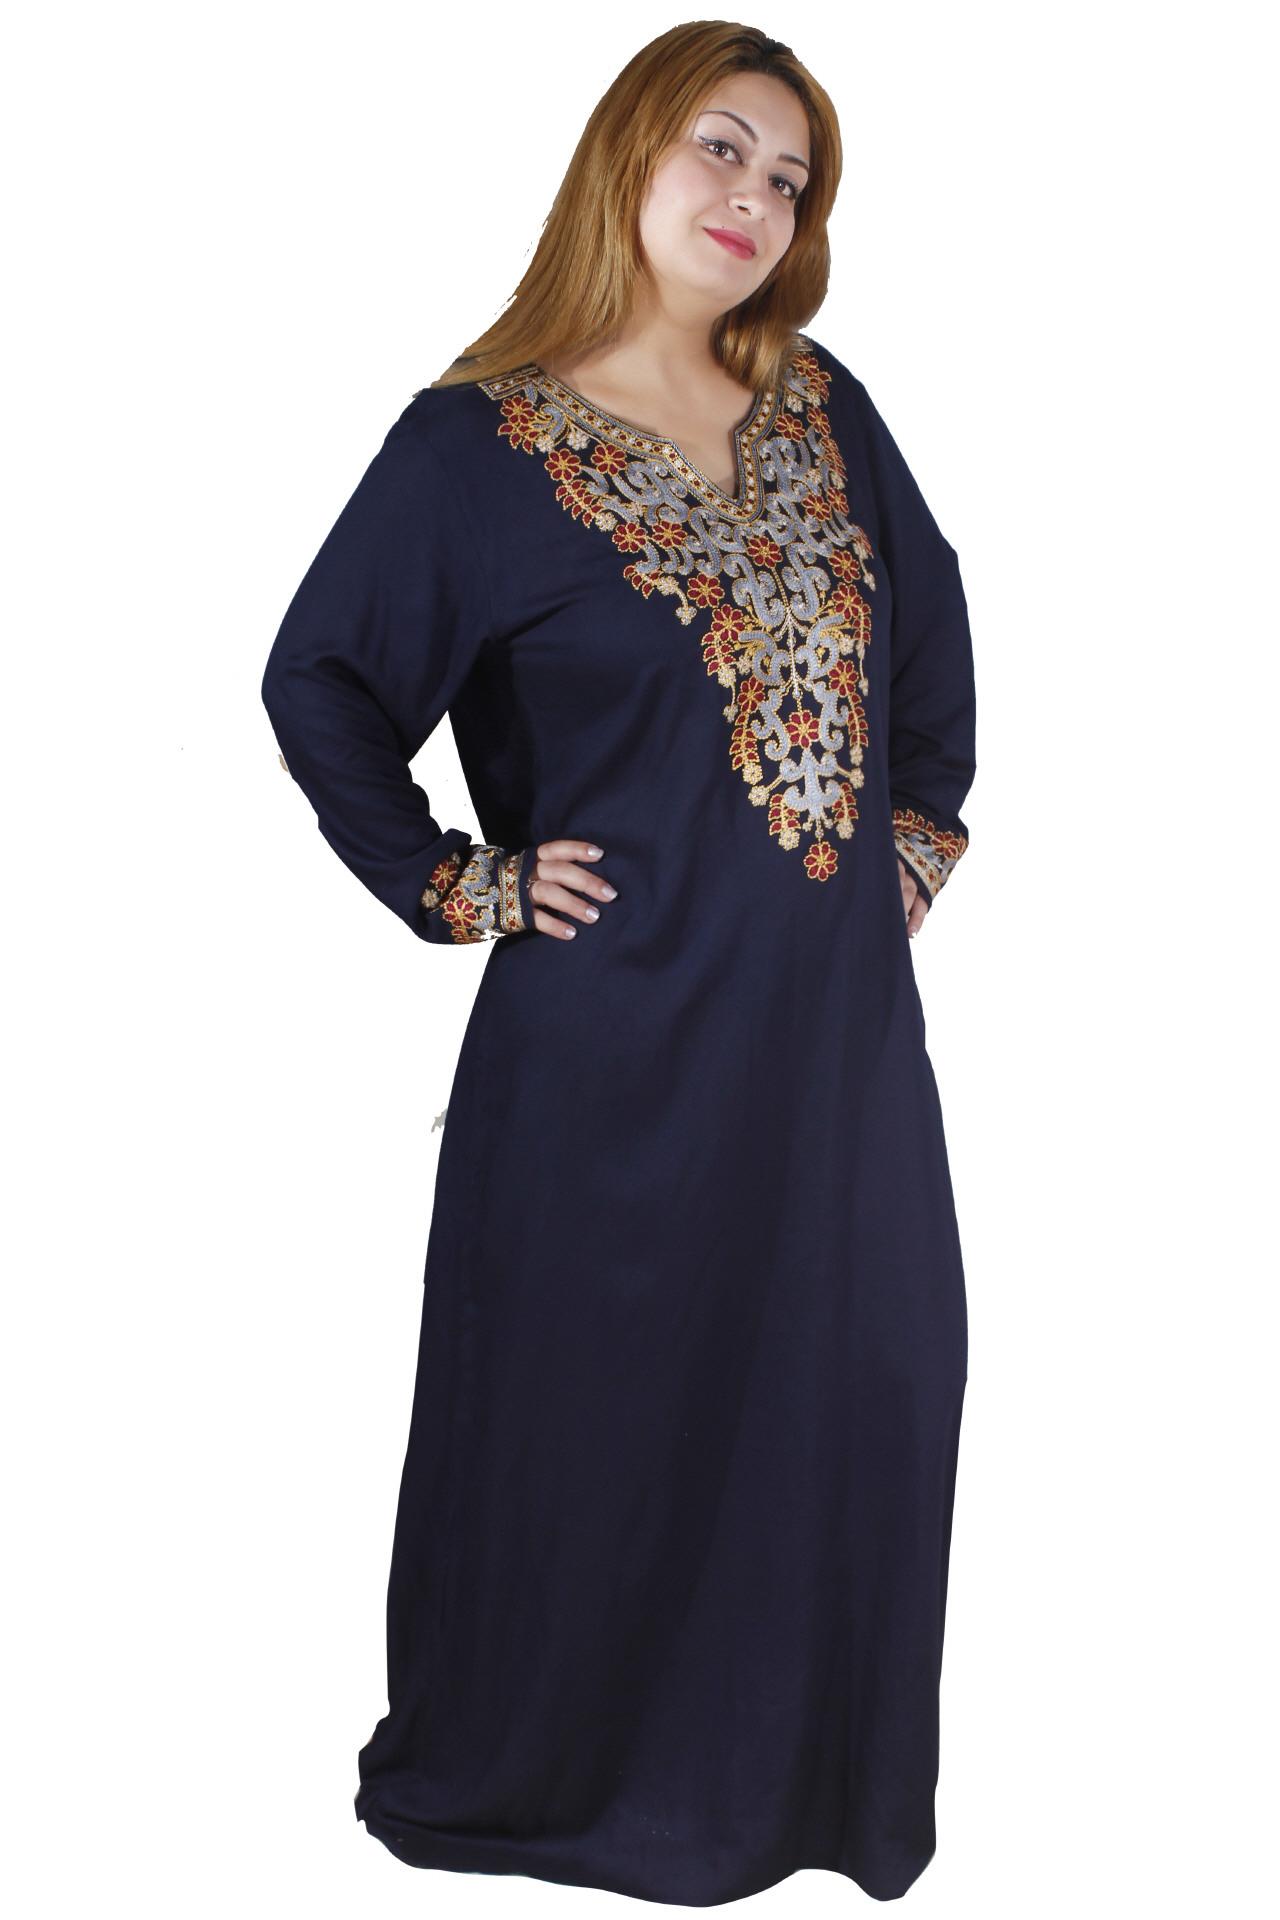 Orientalischer Damenkaftan Nachtblau